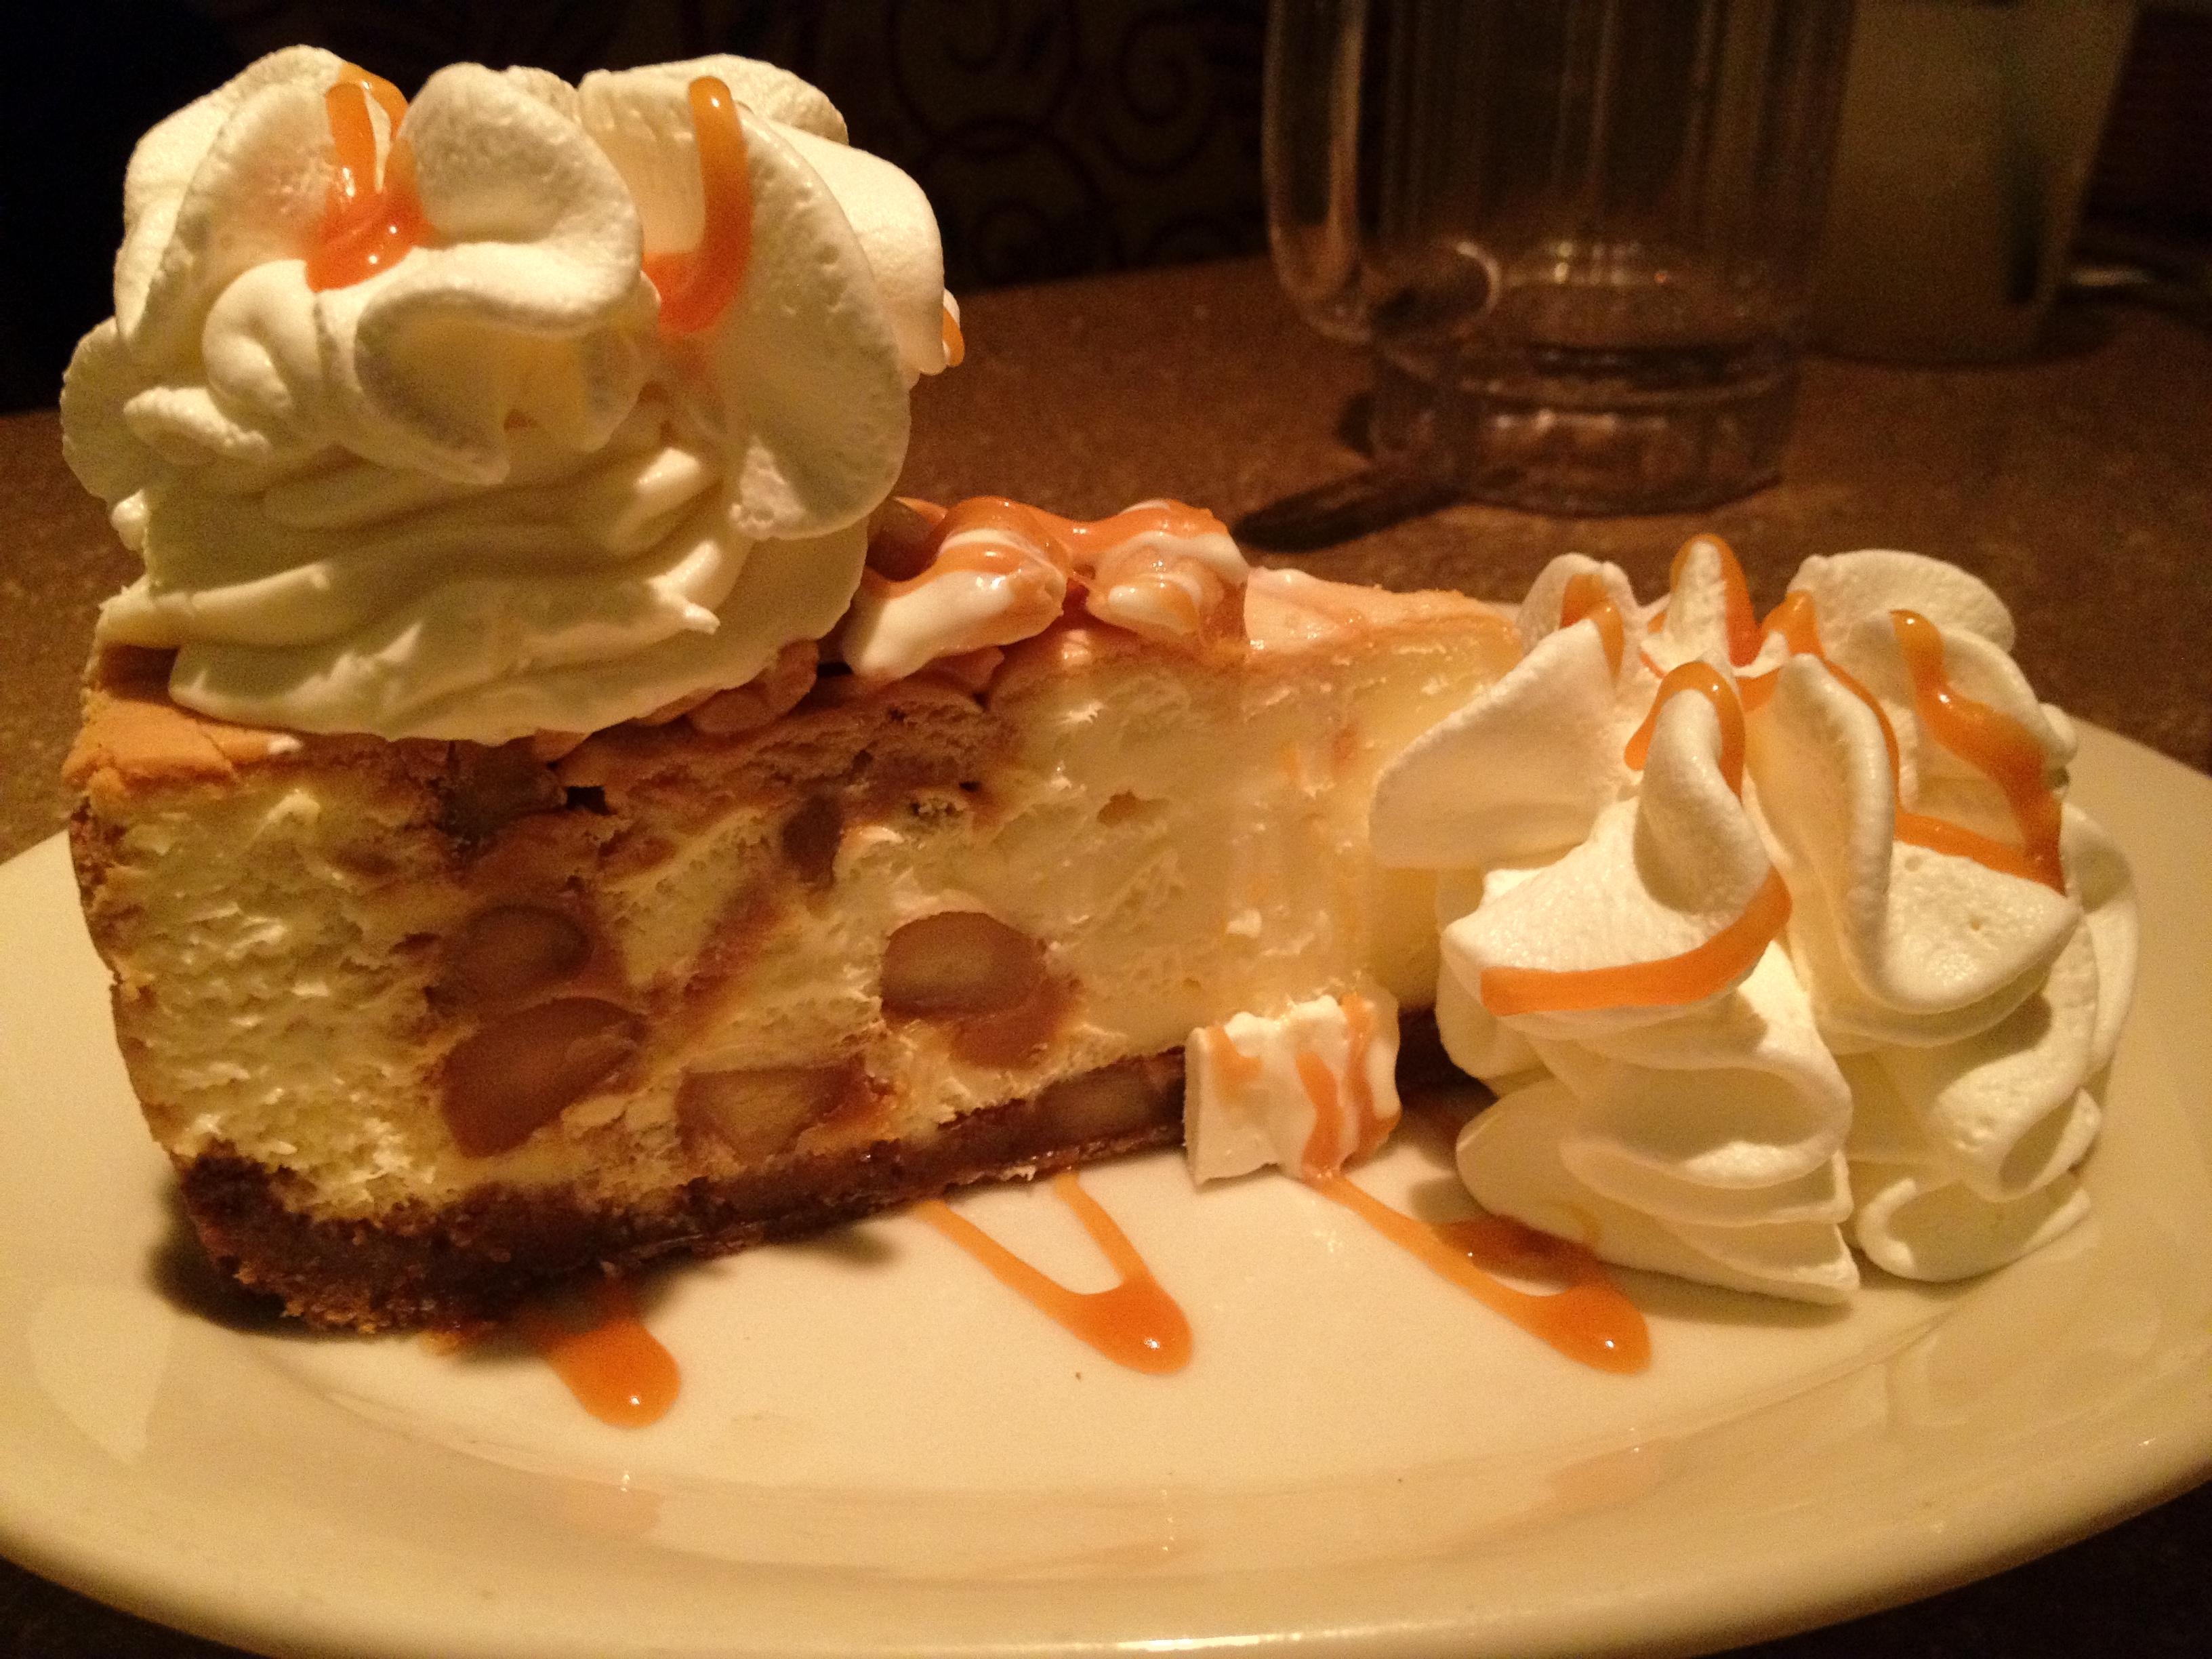 White chocolate caramel macadamia nut cheesecake – Matt on Not ...